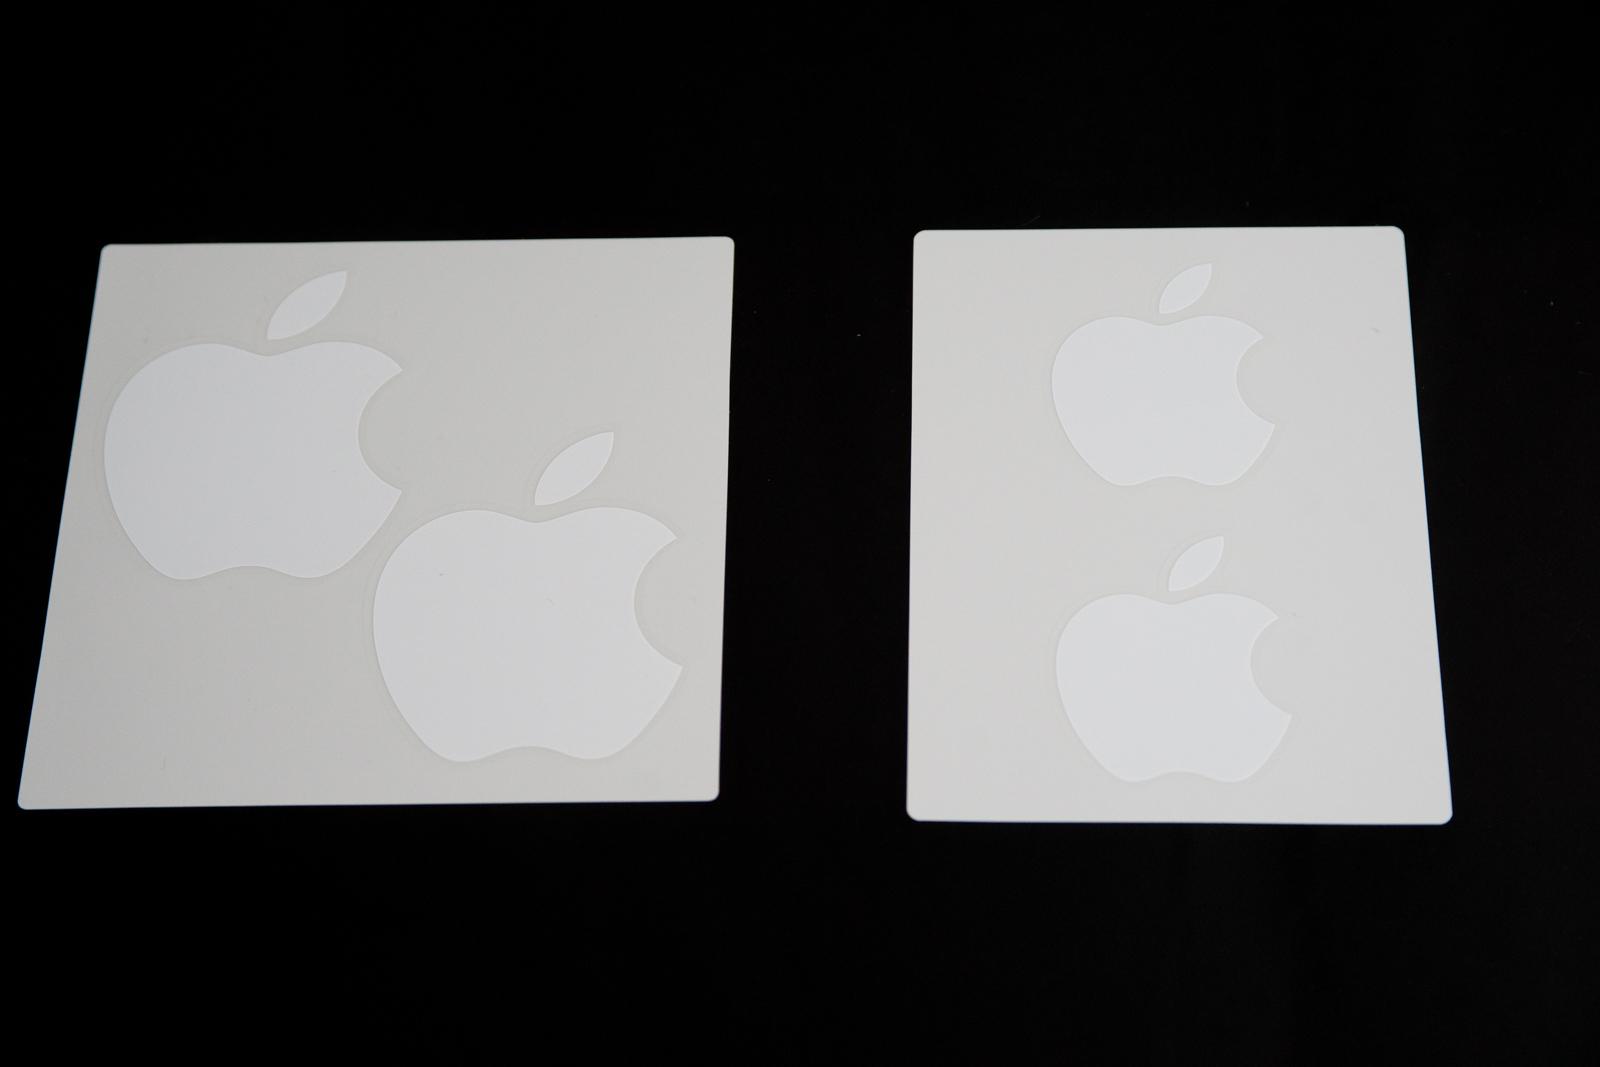 新旧比較、りんごシール